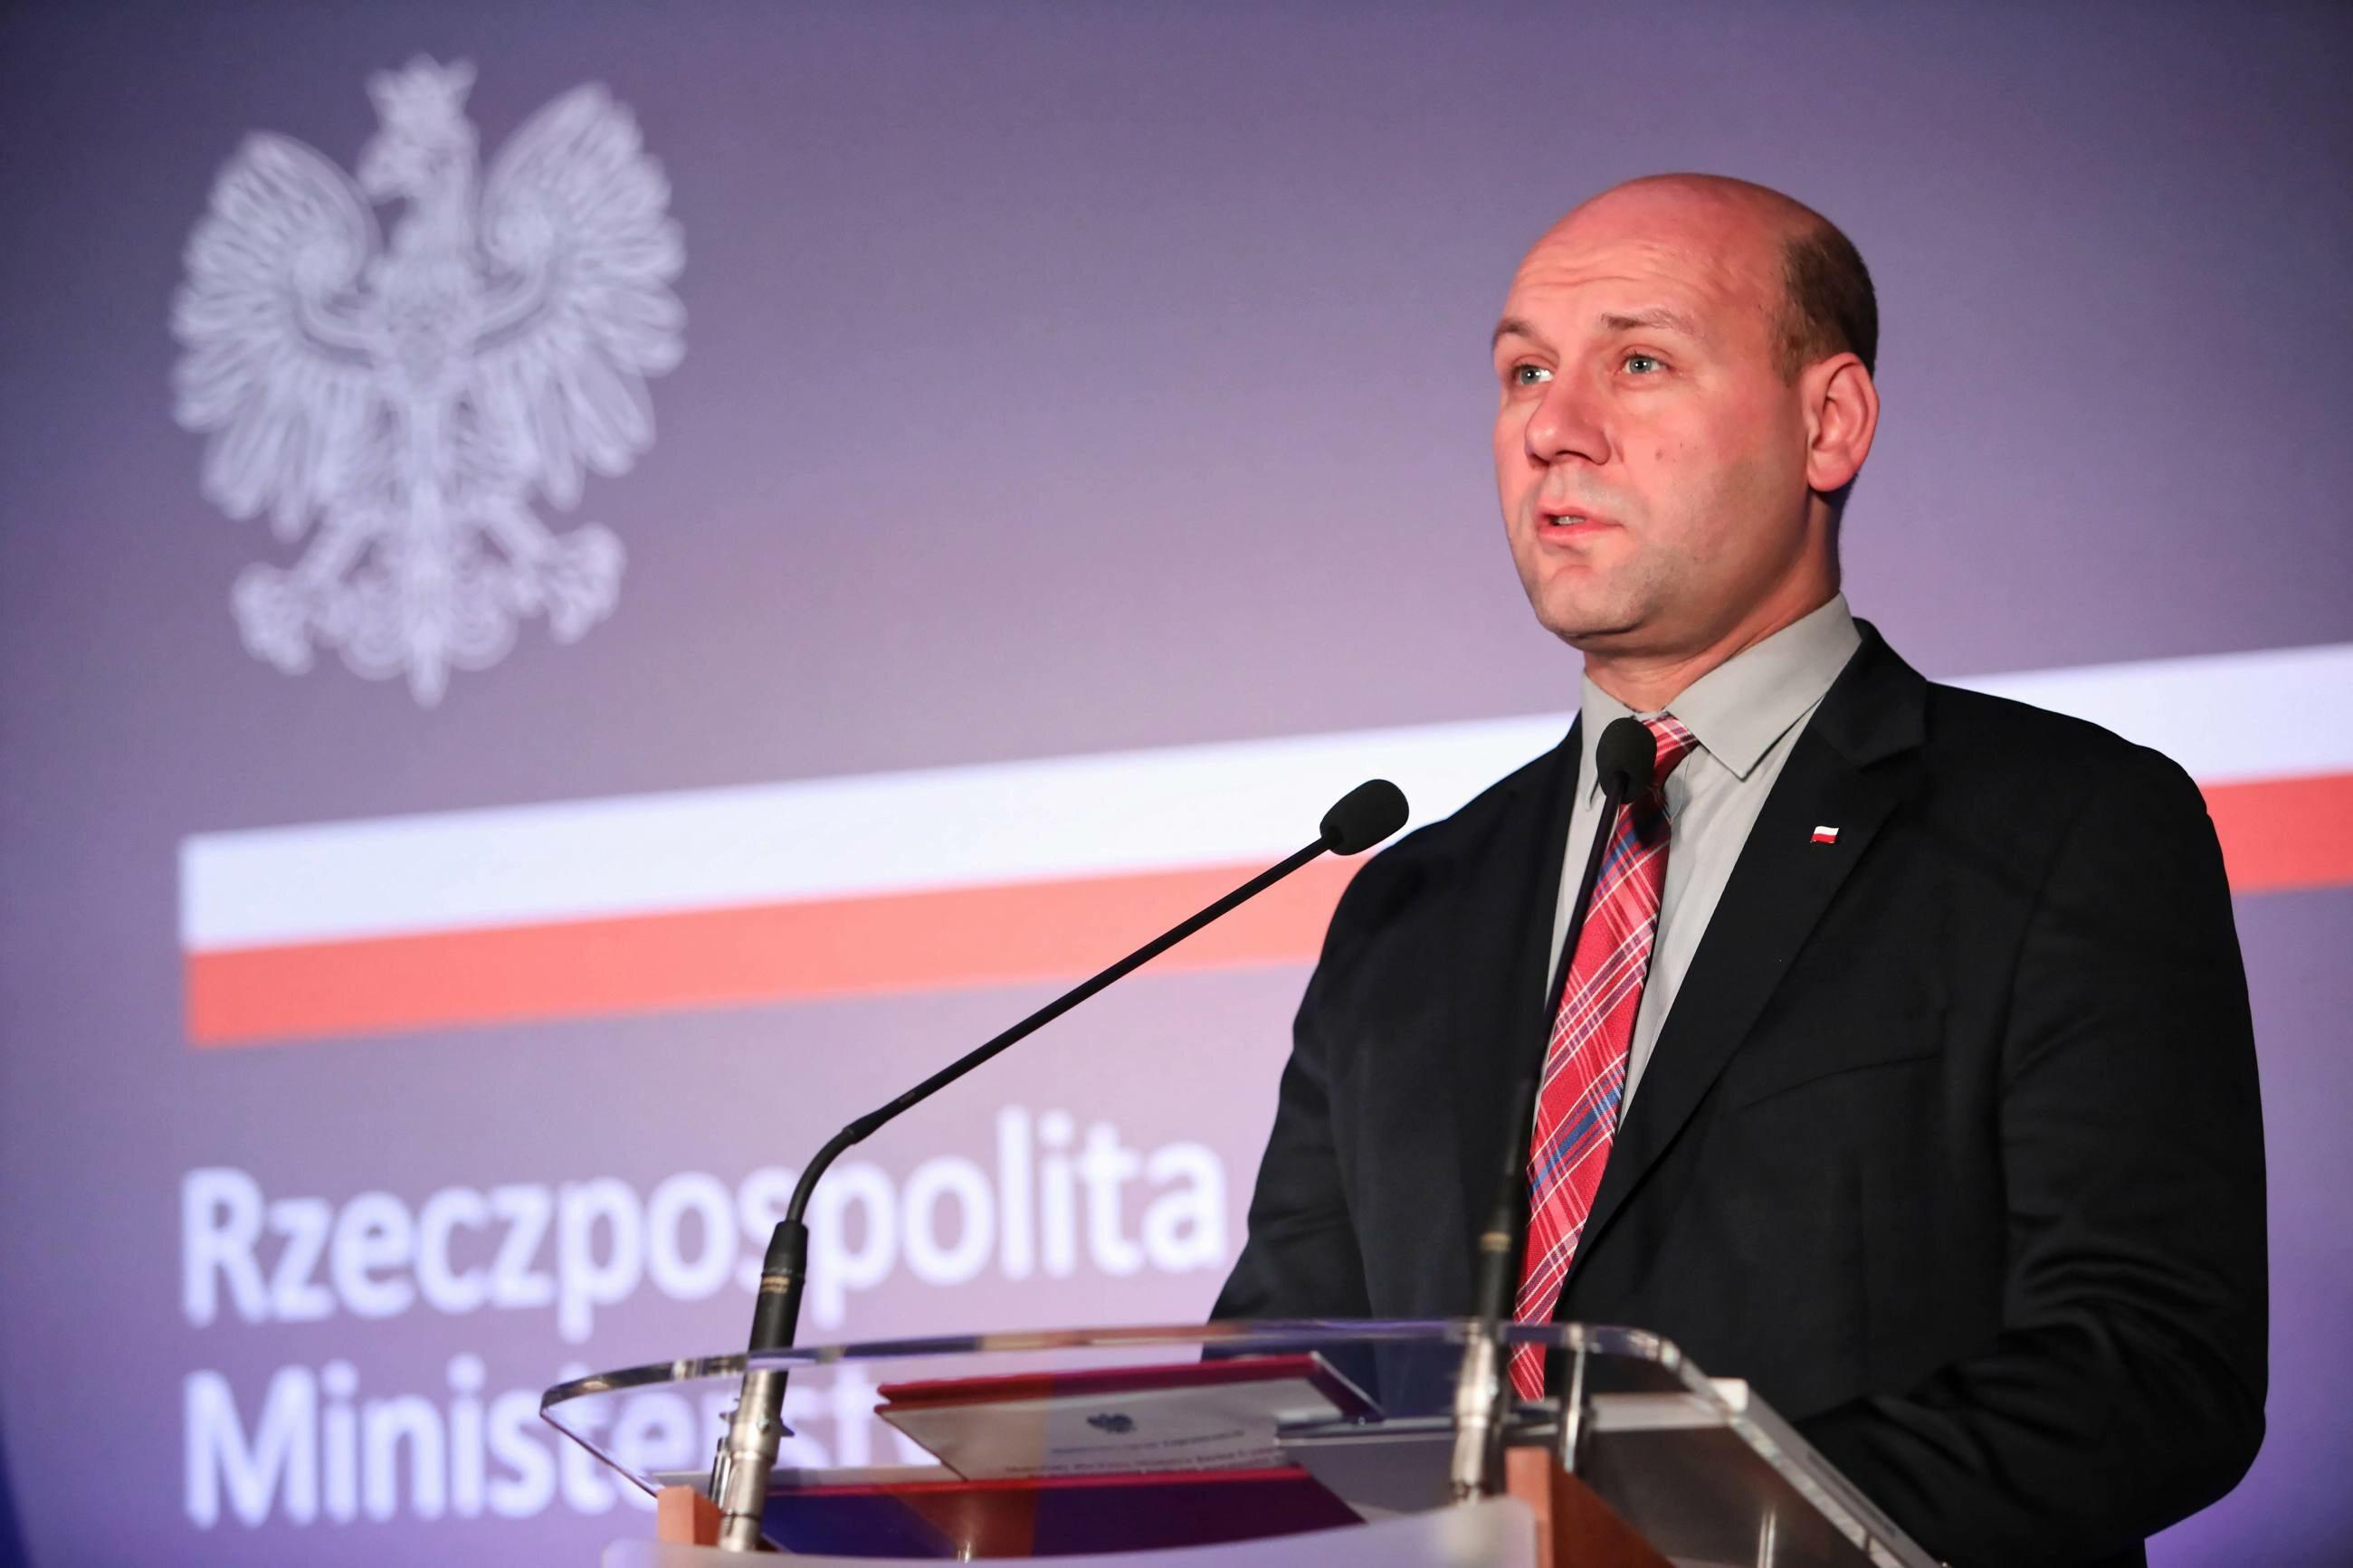 Sekretarz stanu ds. Polonii, polityki europejskiej oraz dyplomacji publicznej w MSZ Szymon Szynkowski vel Sęk